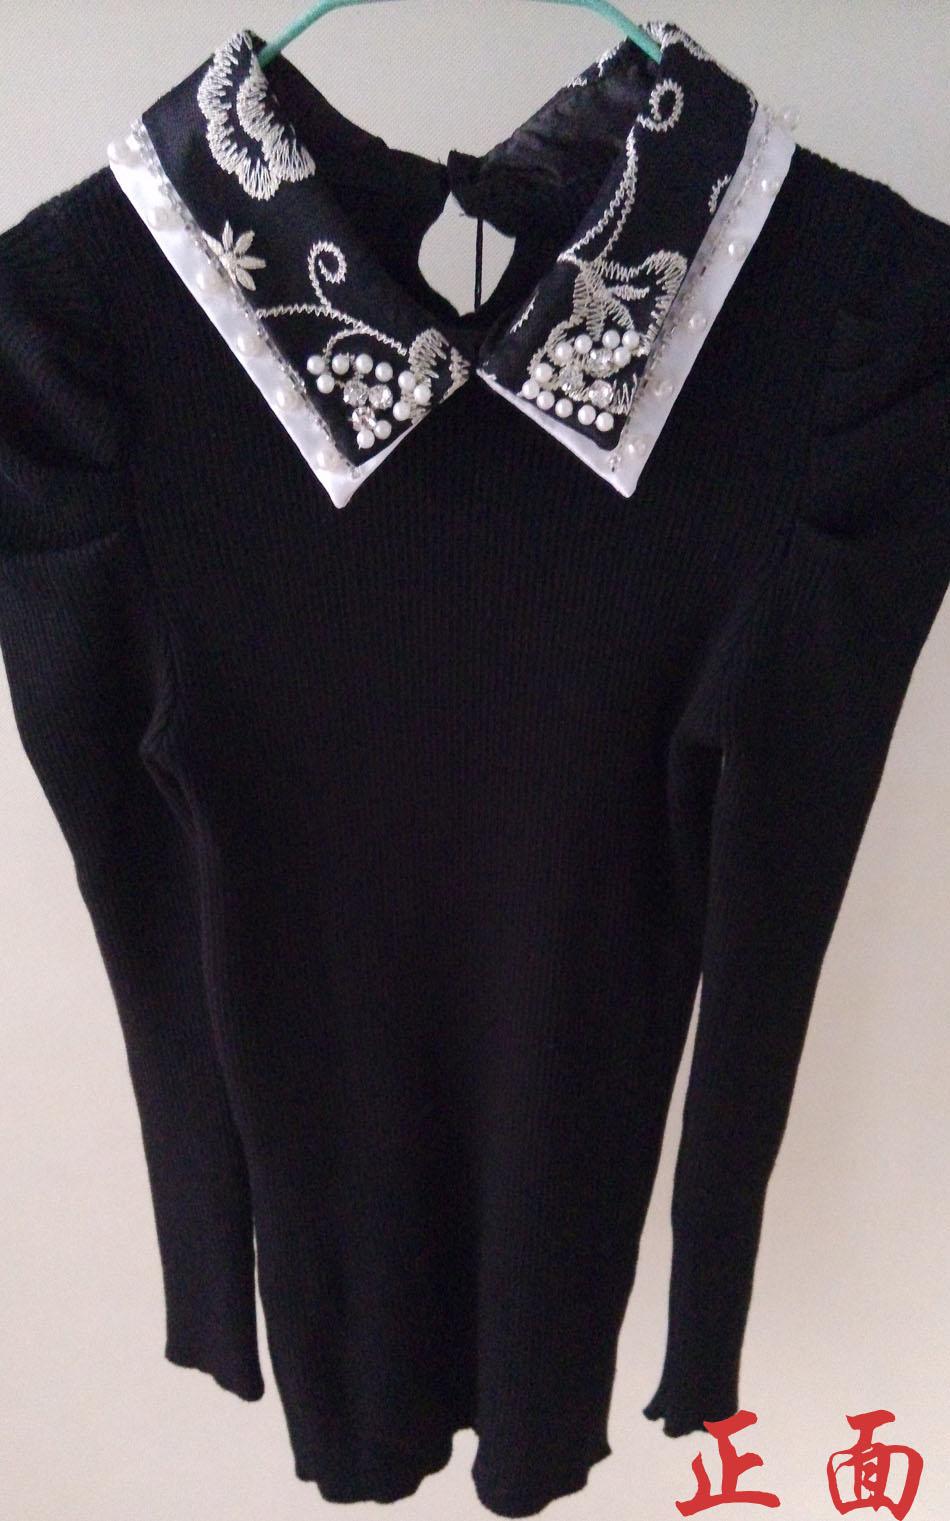 Футболка Осень/зима от размещения новых Джокер сорочки в конце корейской версии тощий лацкане ручной бисером меняться рубашка женская блузка